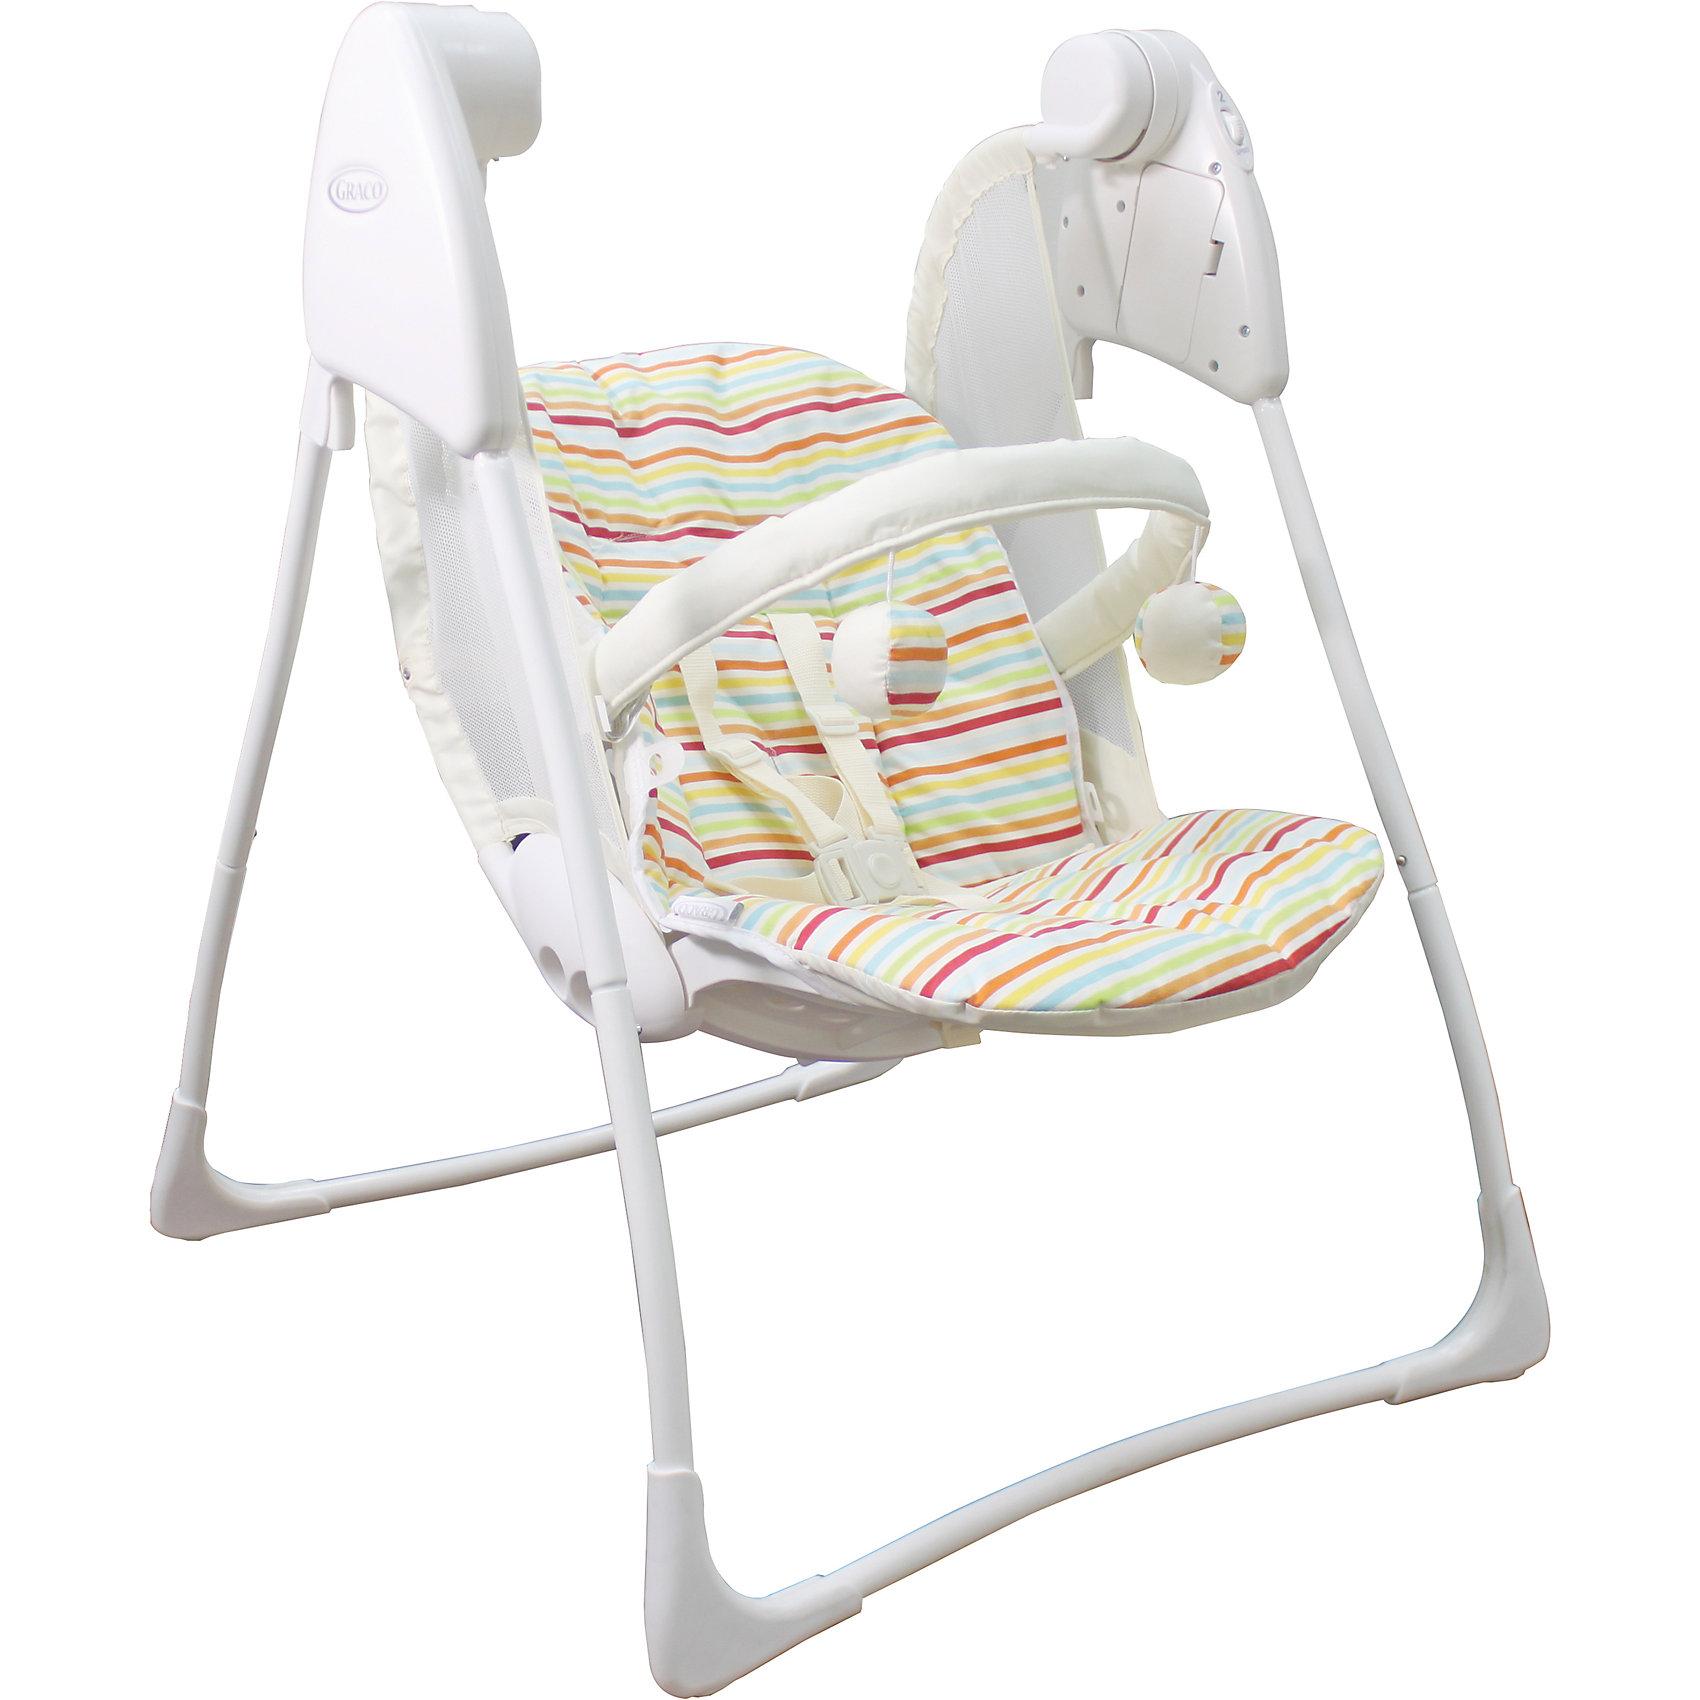 Качели Baby Deligth, Graco, Candy Stripe полоскиКачели электронные<br>Характеристики: <br><br>• электрокачели предназначены для детей весом до 9 кг;<br>• предусмотрено 3 положения наклона спинки;<br>• имеется 2 скорости качания;<br>• система 5-ти точечных ремней безопасности;<br>• на мягкой дуге подвешены развивающие игрушки;<br>• чехлы снимаются и стираются при температуре 30 градусов;<br>• качели компактно складываются;<br>• батарейки: 4 х C / LR14 1.5V (малые бочонки);<br>• батарейки приобретаются отдельно;<br>• размер: 87х64х105 см;<br>• размер в сложенном виде: 64х14х49 см;<br>• вес: 4,5 кг<br>• размер упаковки: 36х13х57 см;<br>• вес в упаковке: 5,5 кг.<br><br>Качели Baby Deligth, Graco, Candy Stripe полоски можно купить в нашем интернет-магазине.<br><br>Ширина мм: 630<br>Глубина мм: 600<br>Высота мм: 820<br>Вес г: 5500<br>Возраст от месяцев: 0<br>Возраст до месяцев: 12<br>Пол: Унисекс<br>Возраст: Детский<br>SKU: 6757373